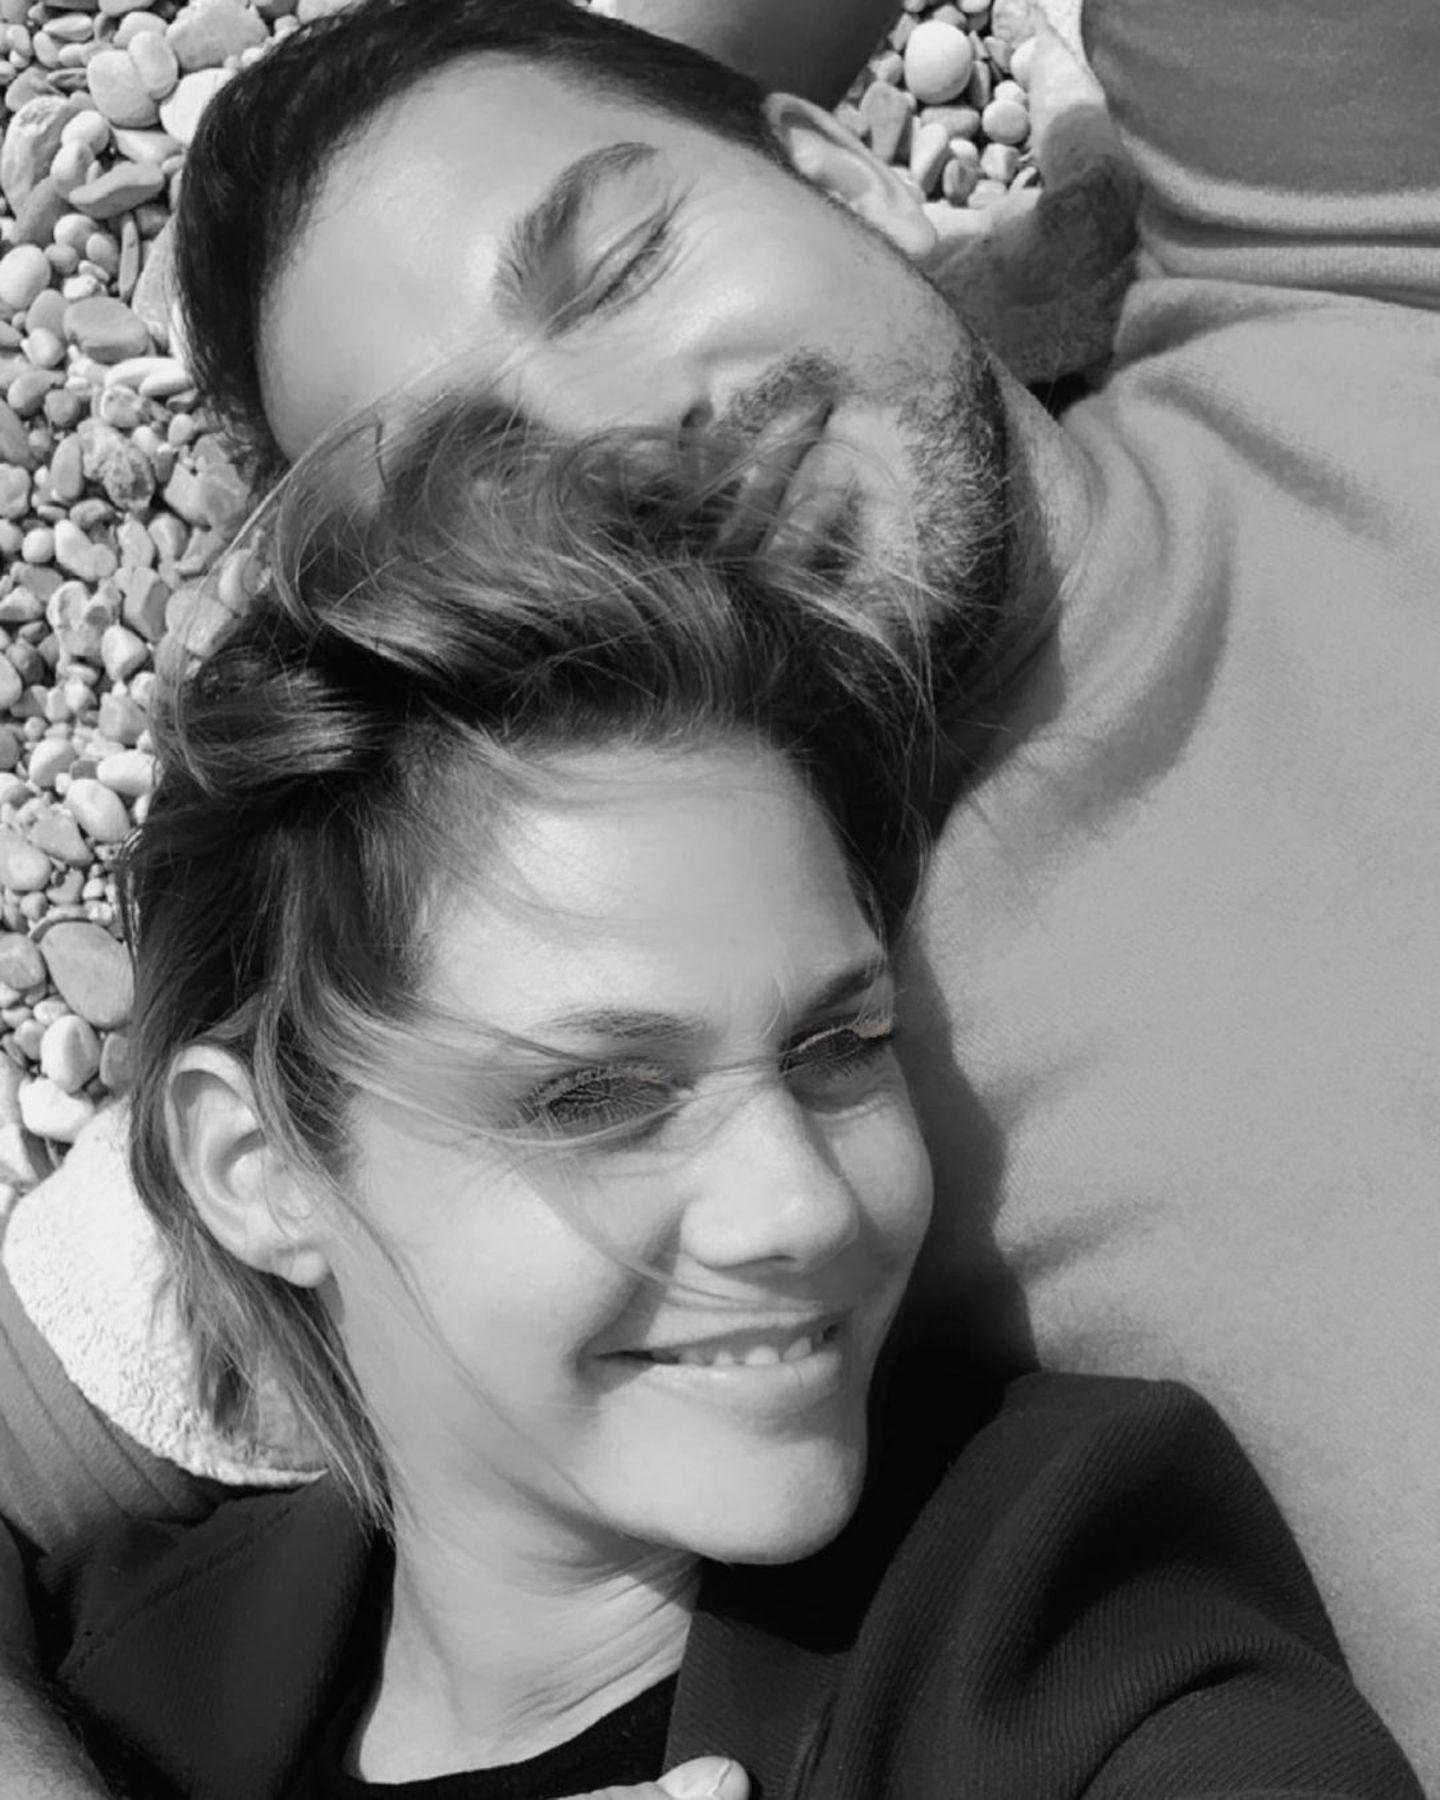 Mit ihrem ersten Pärchenbild auf Instagram sorgten Felicitas Woll und Benjamin Piwko für Begeisterungsstürme.